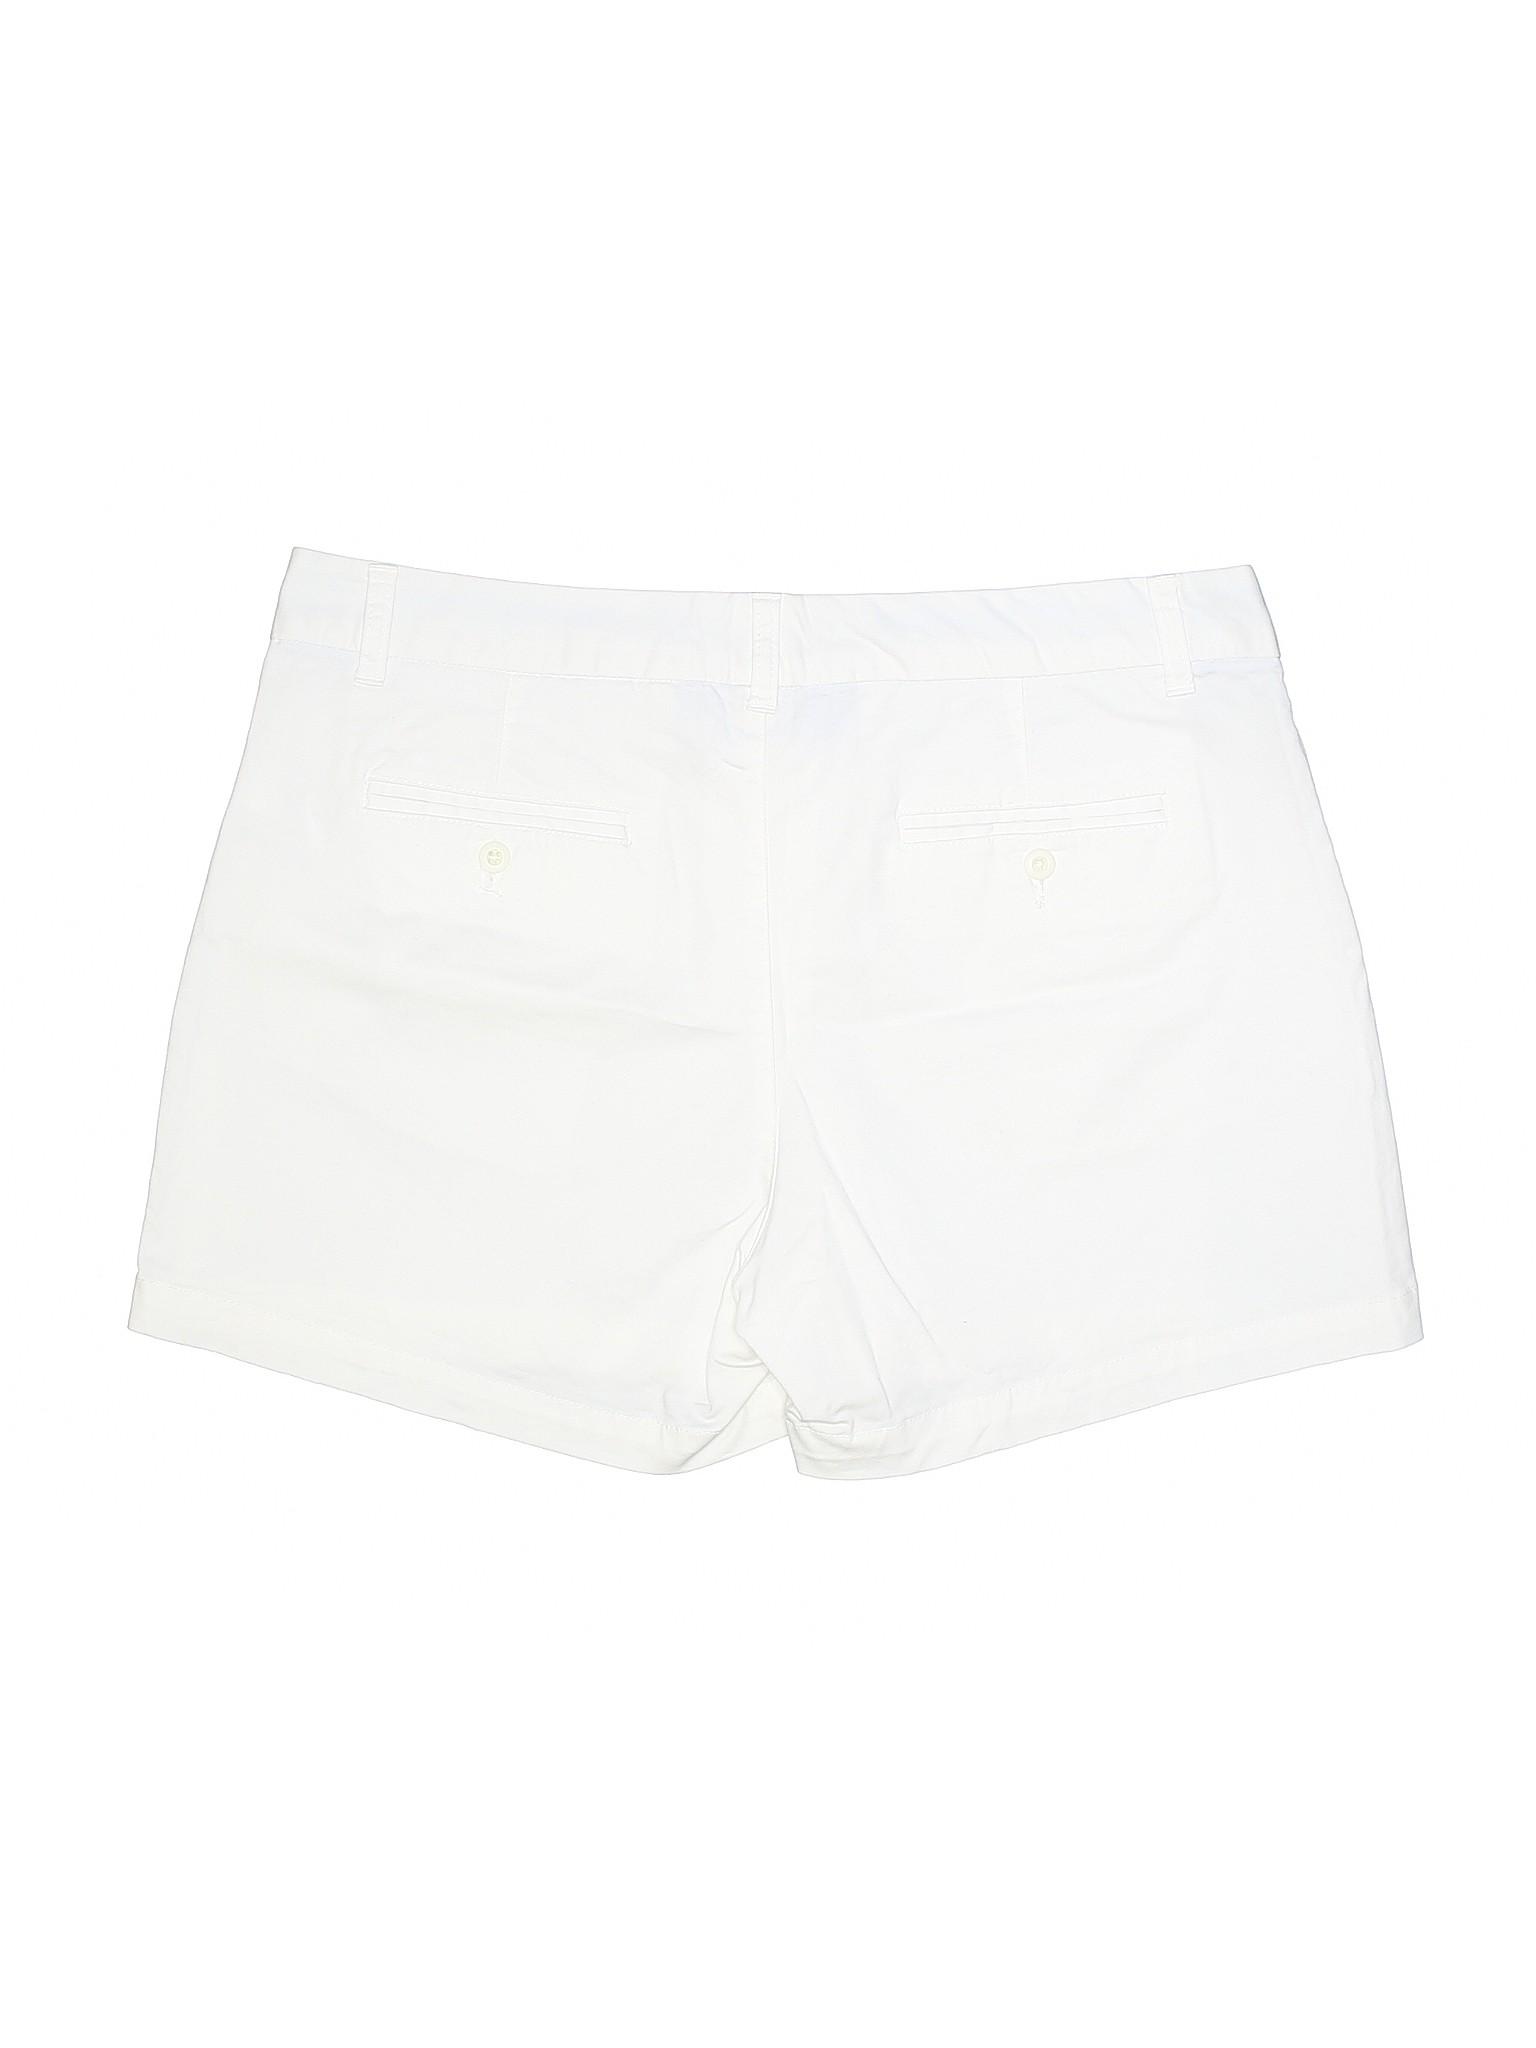 Boutique Gap Gap Boutique Khaki Shorts Outlet Z7zZrwx